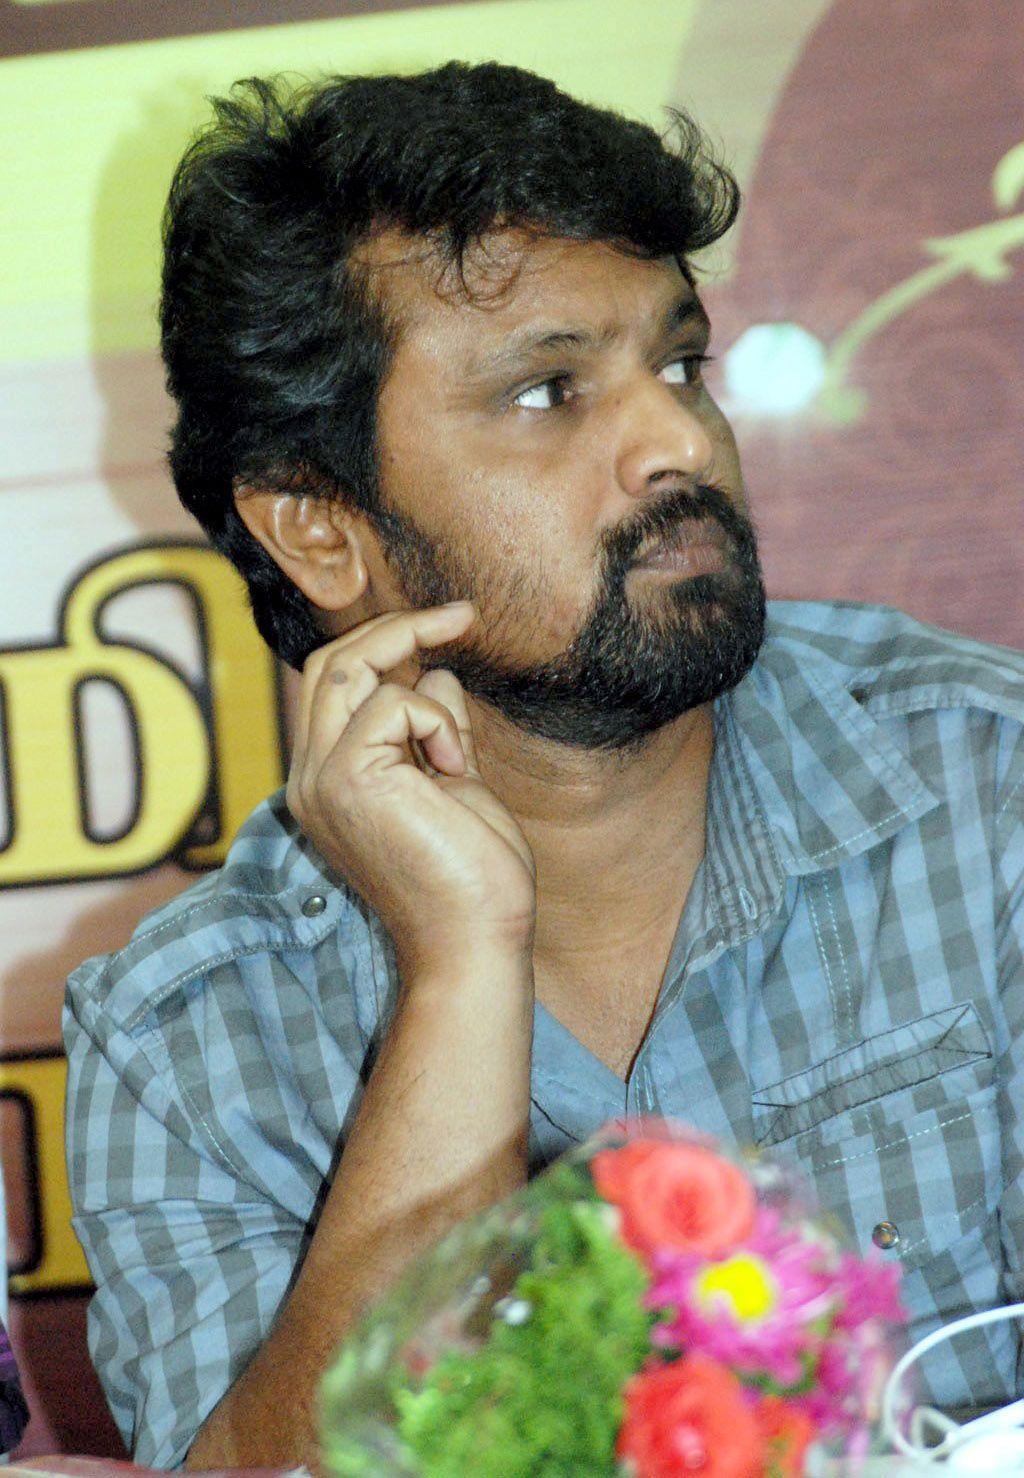 http://1.bp.blogspot.com/-H_JH6IEG7Qk/TWI-HvI-xgI/AAAAAAAAIQQ/a1pyLCKcq7g/s1600/Naorway+Tamil+Film+Festival+Pressmeet+Stills_1.jpg